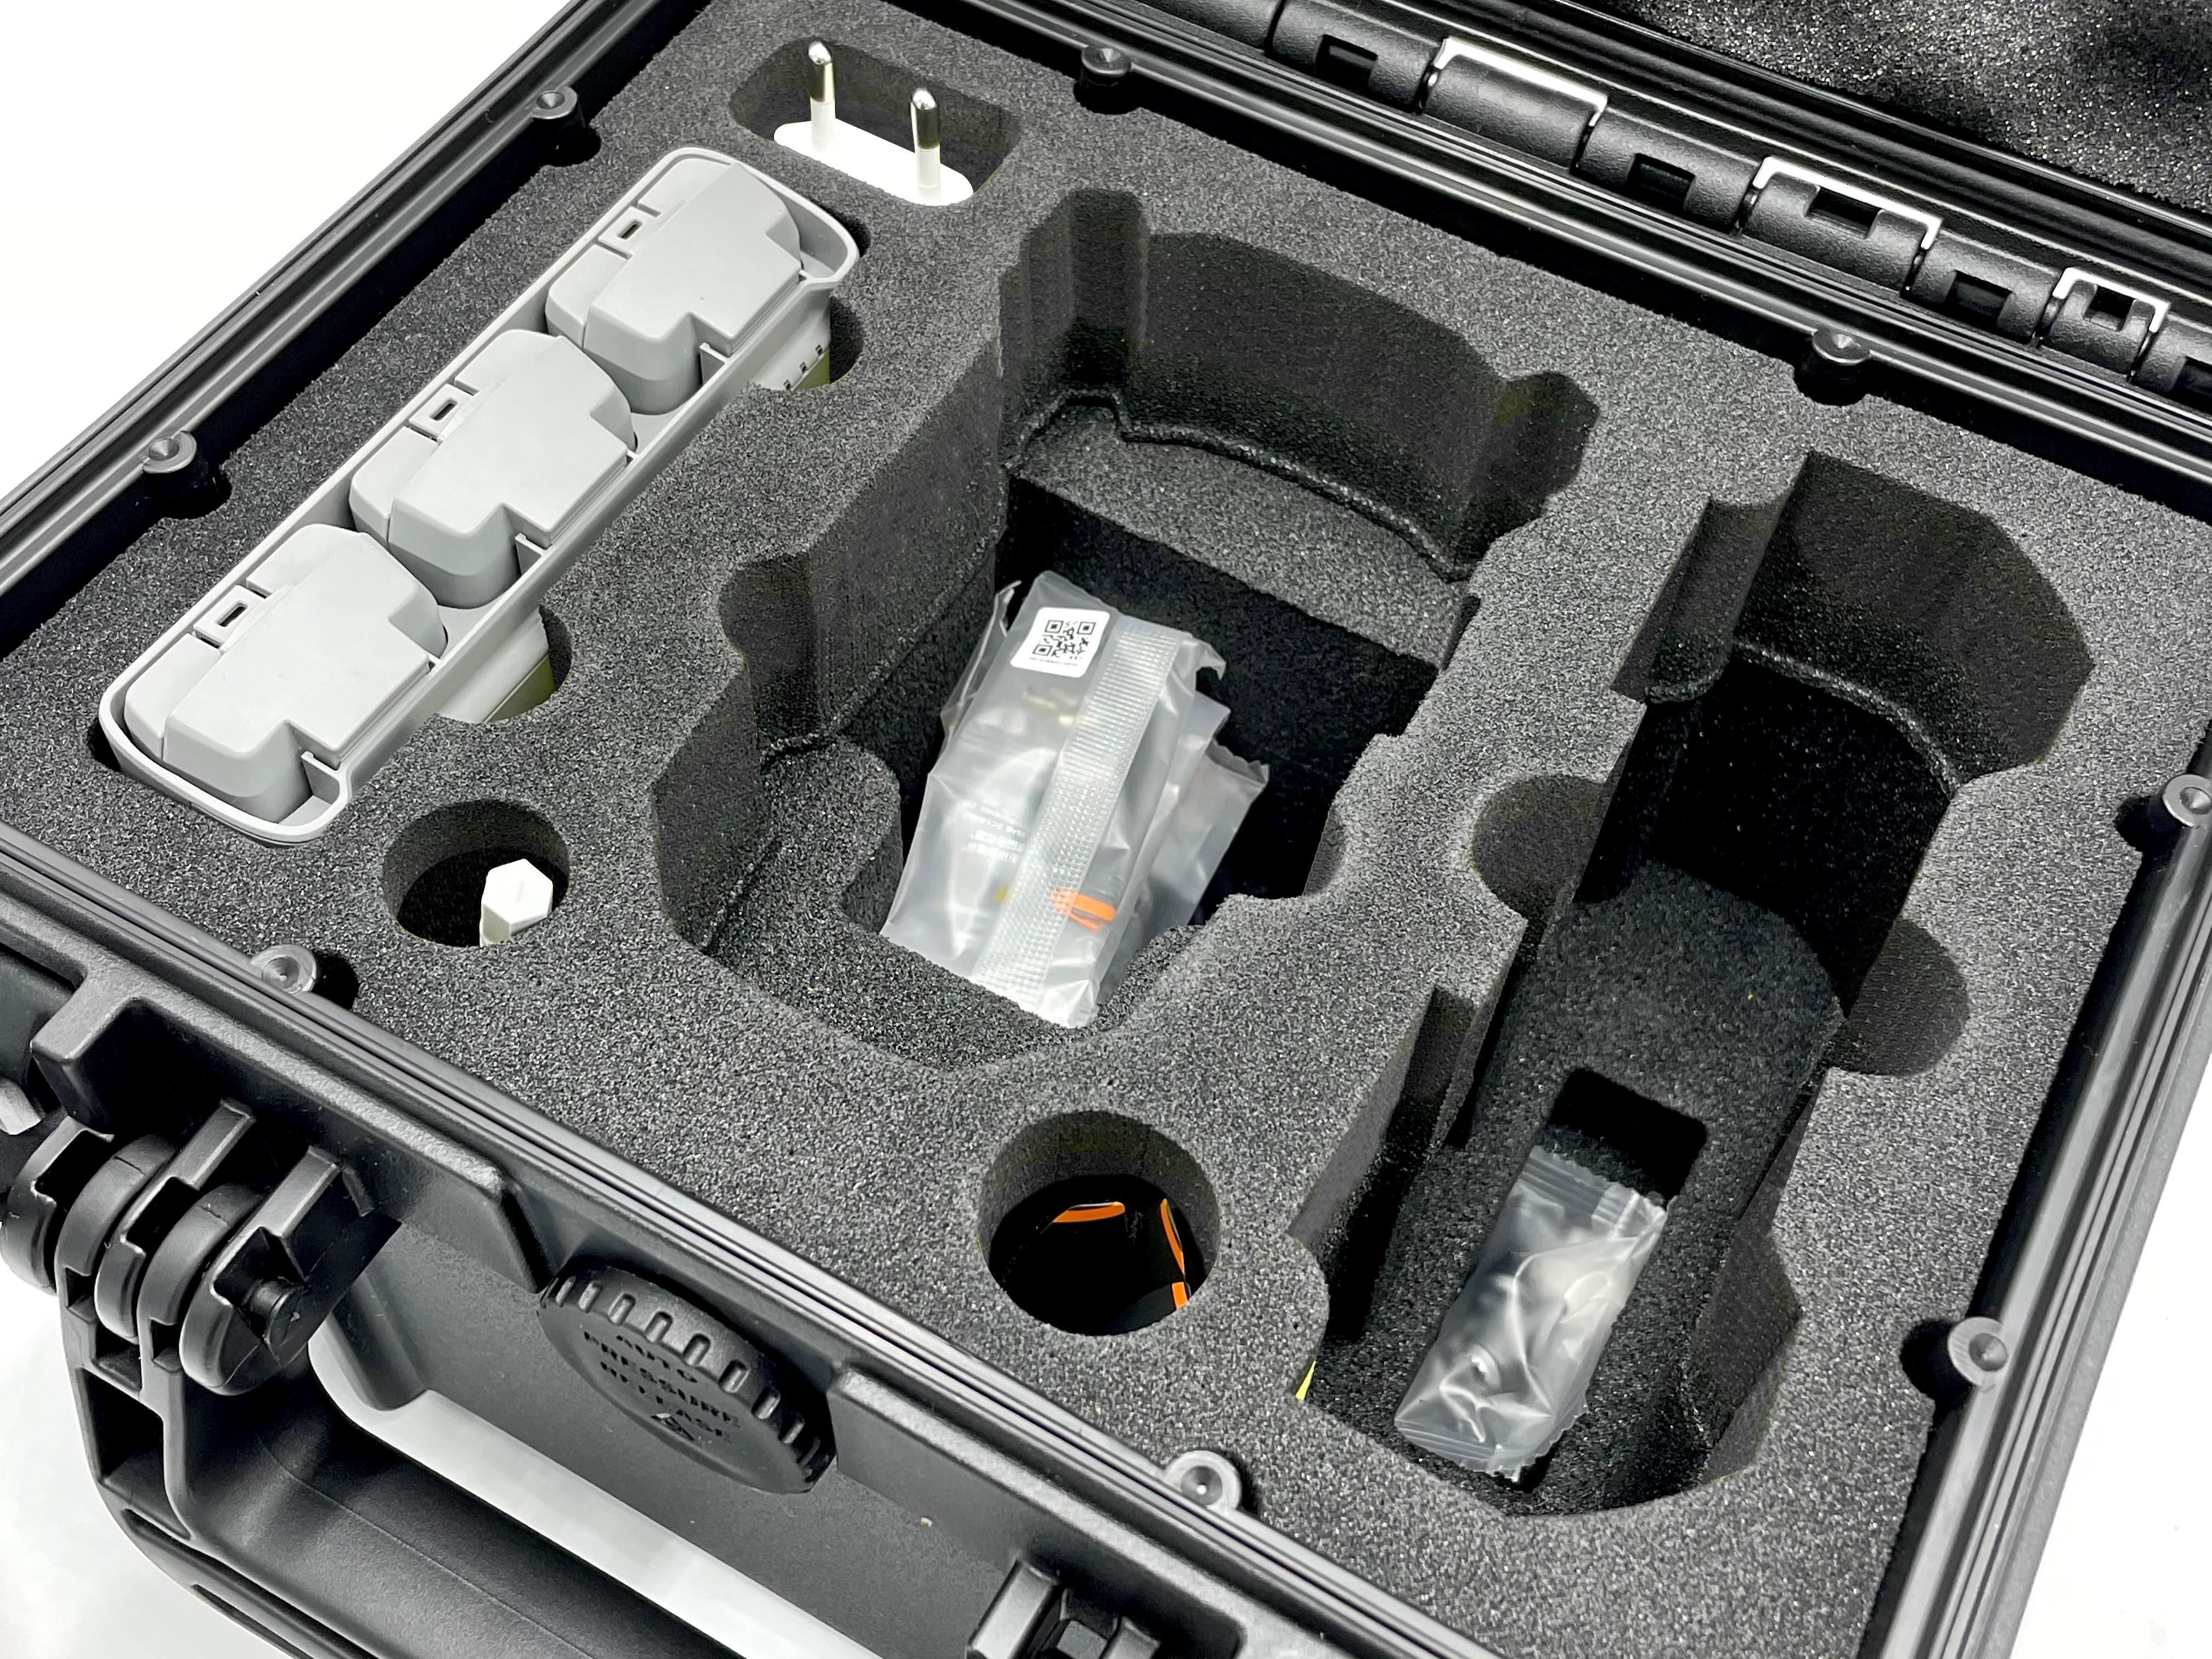 Mavic Mini 2 in a Doro 0907-6 Case0